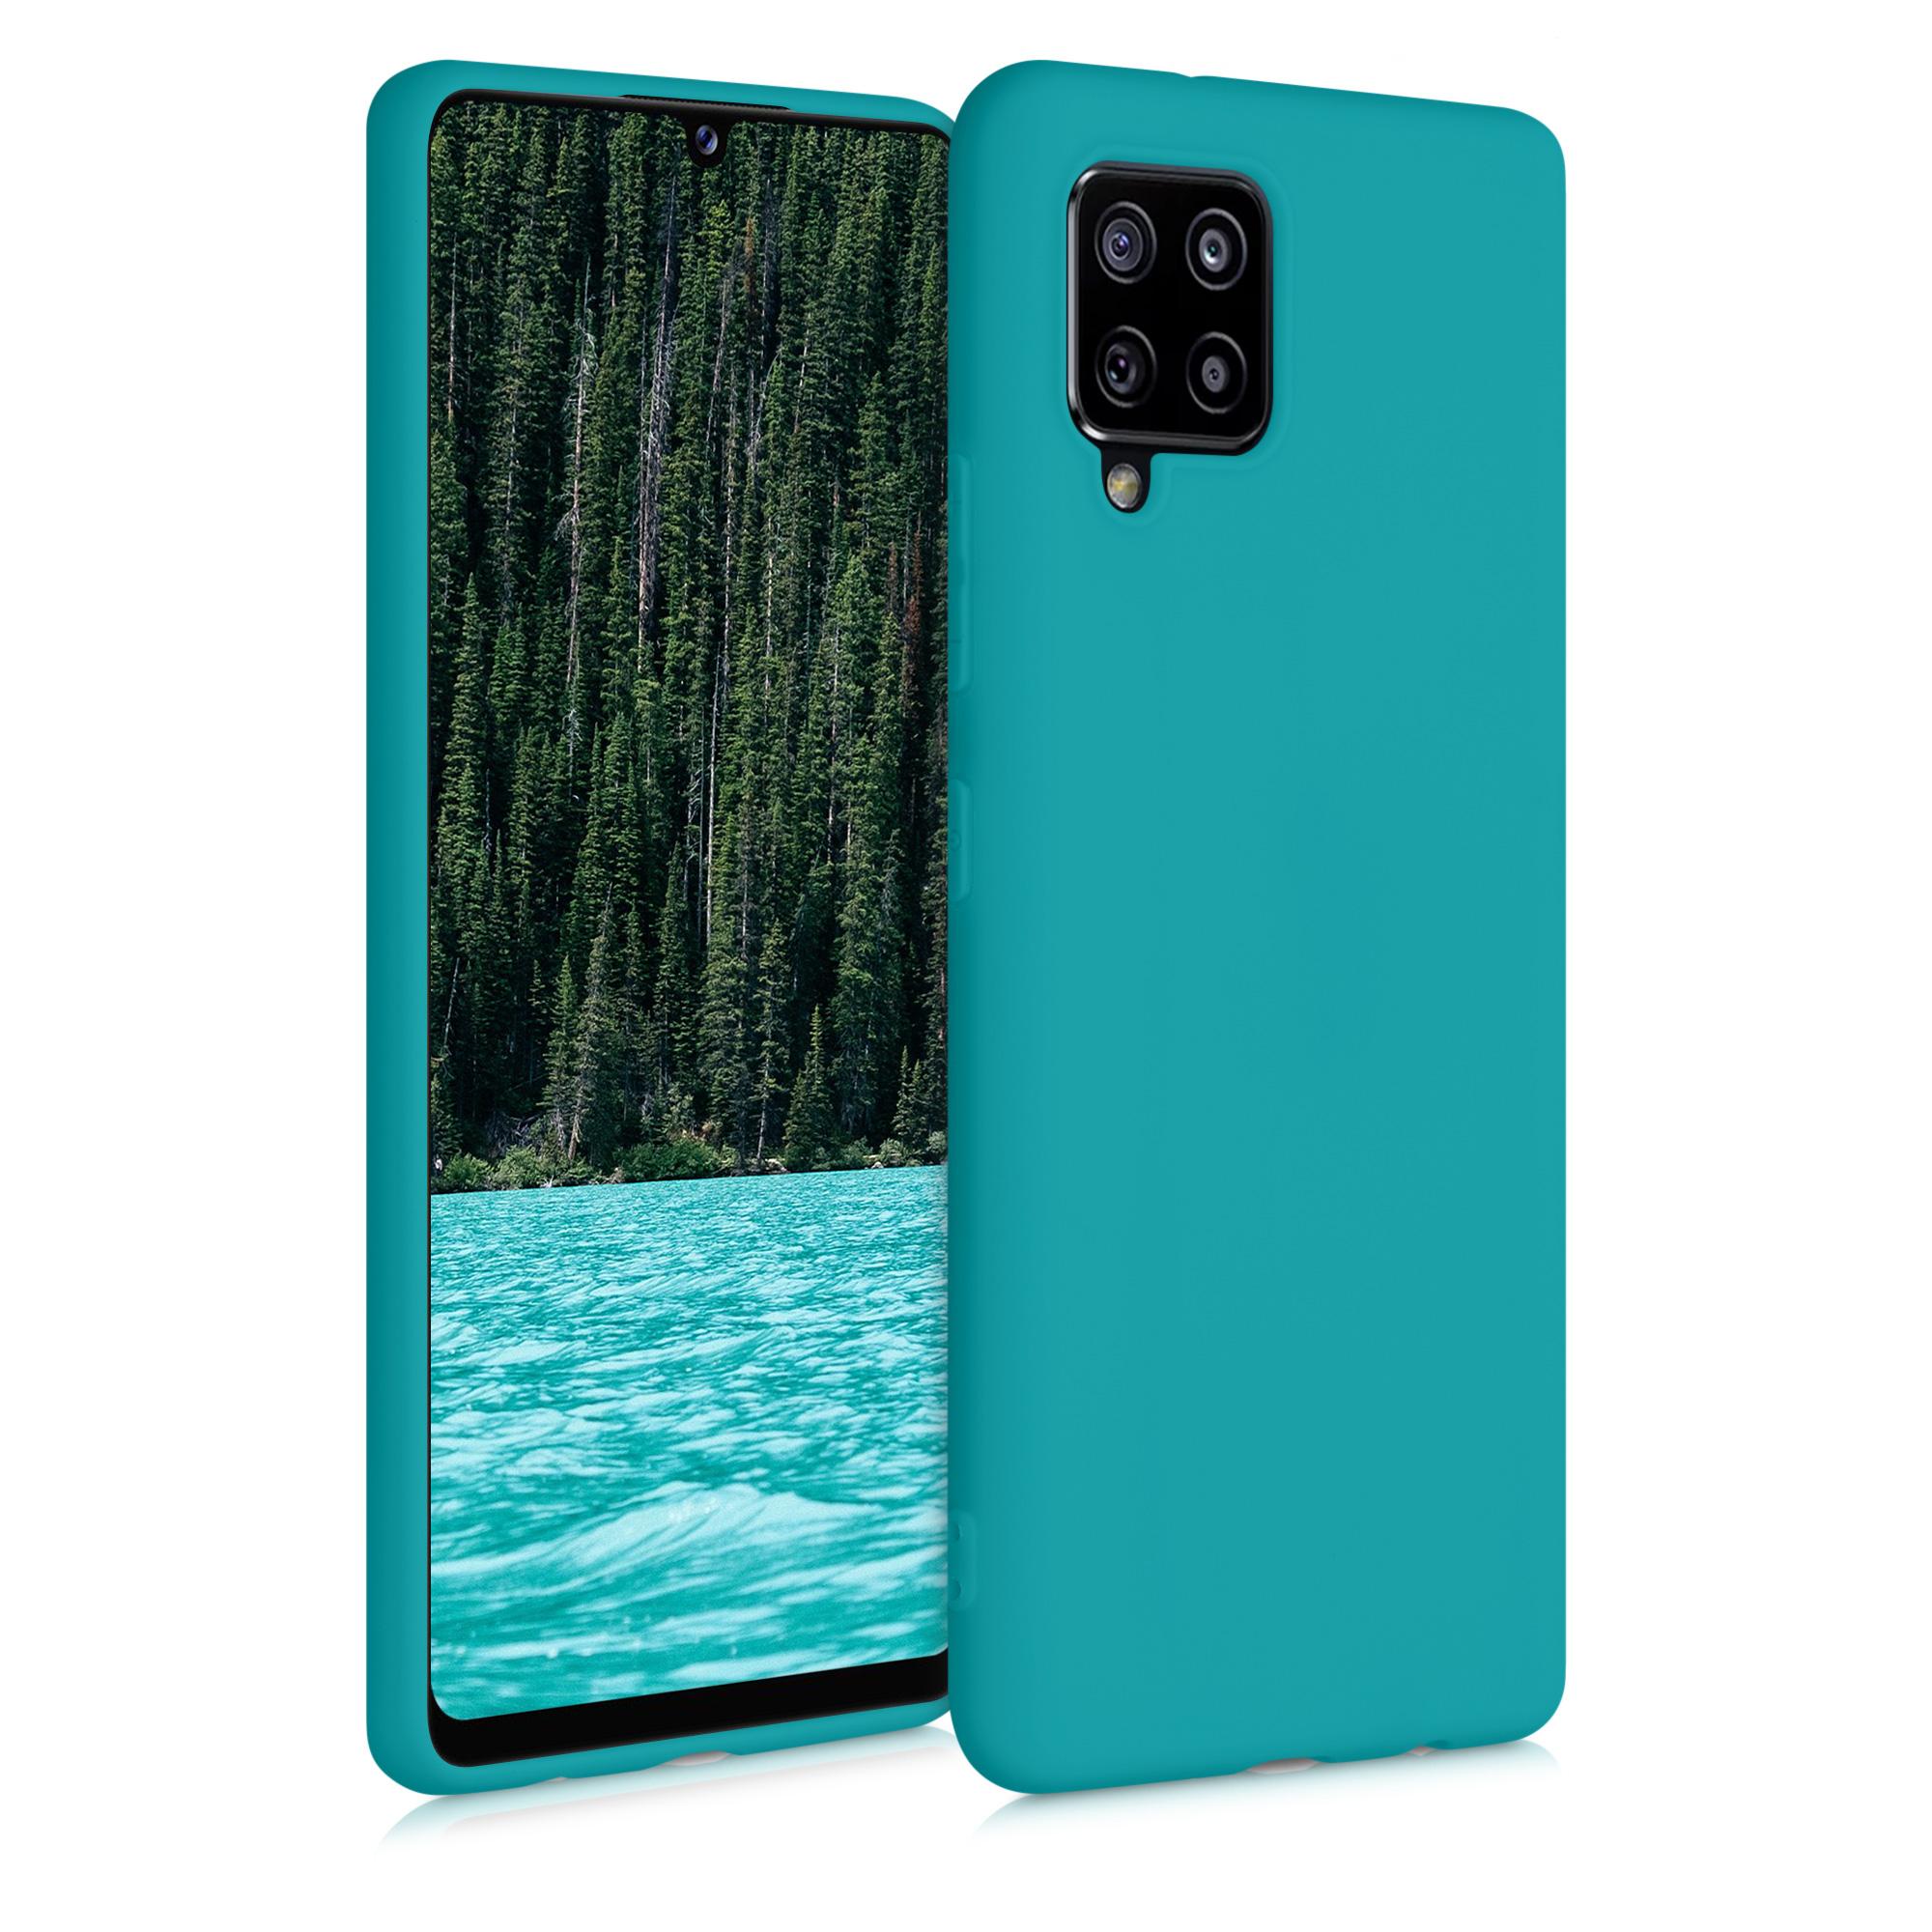 Kvalitní silikonové TPU pouzdro pro Samsung A42 5G - Teal matné